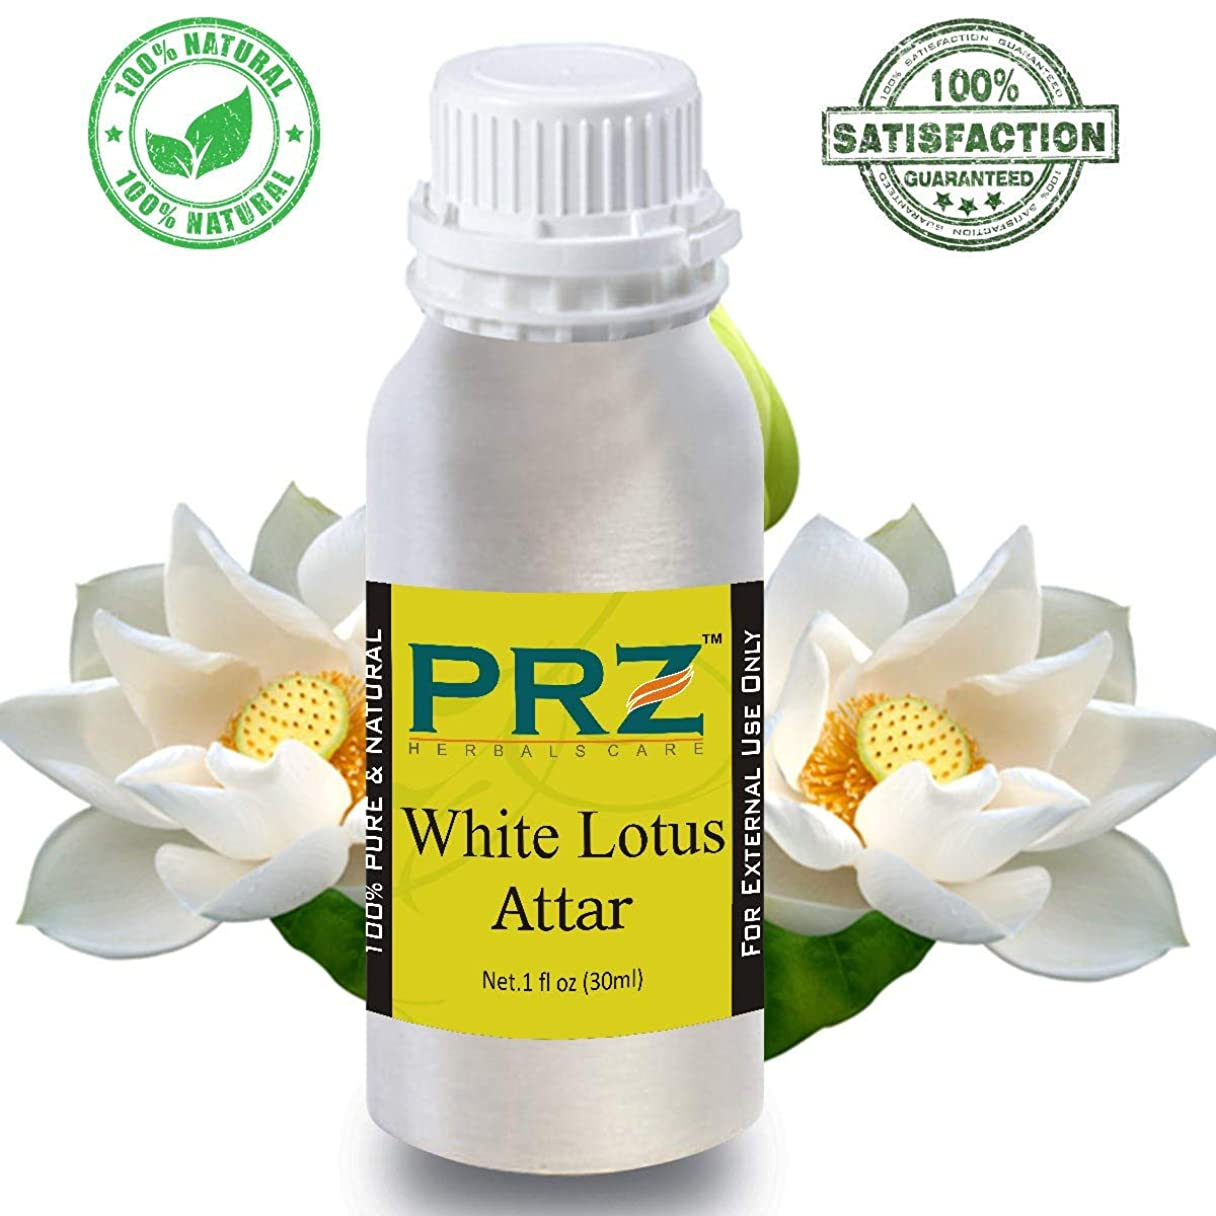 シガレット免疫するどうやってユニセックスのためにホワイトロータスアター(30 ML) - ピュアナチュラルプレミアム品質の香水(ノンアルコール)|アターITRA最高品質の香水をスプレー長続きアター